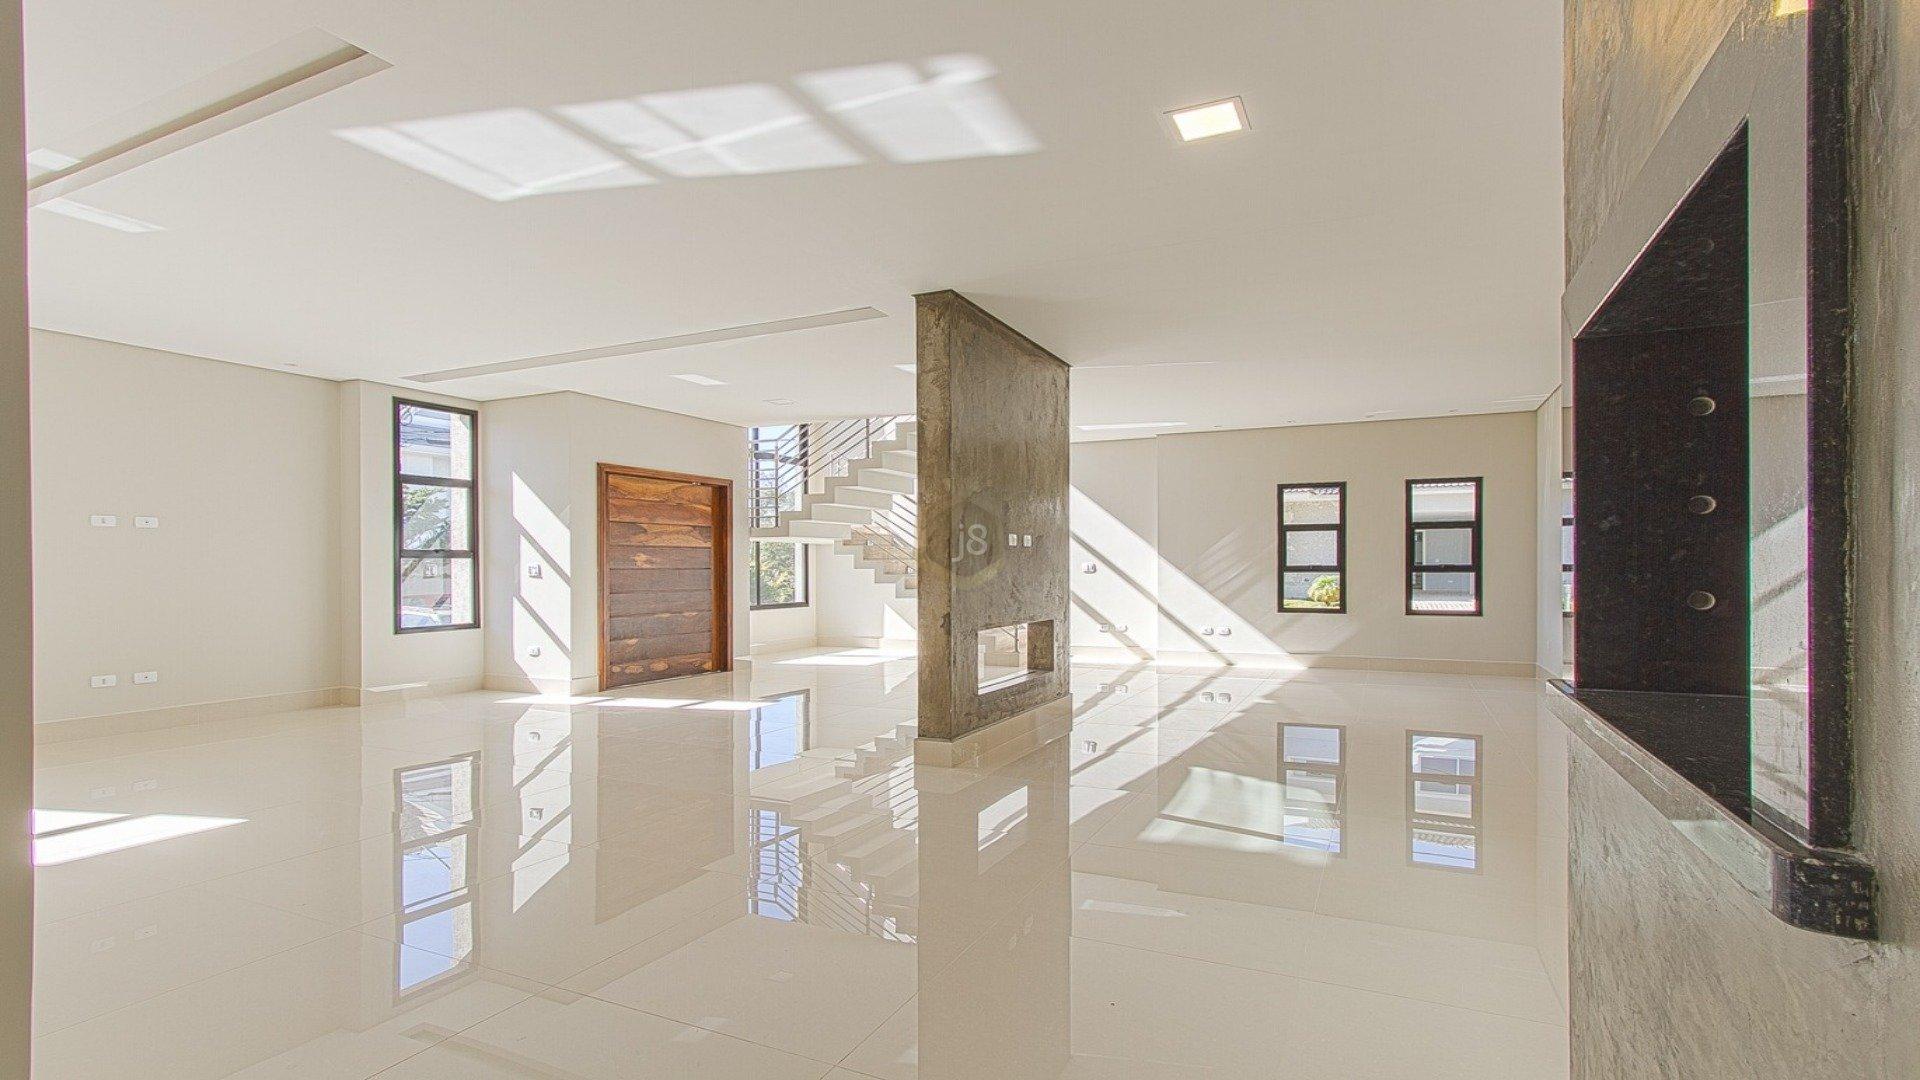 Foto de destaque Casa moderna e aconchegante em santa felicidade